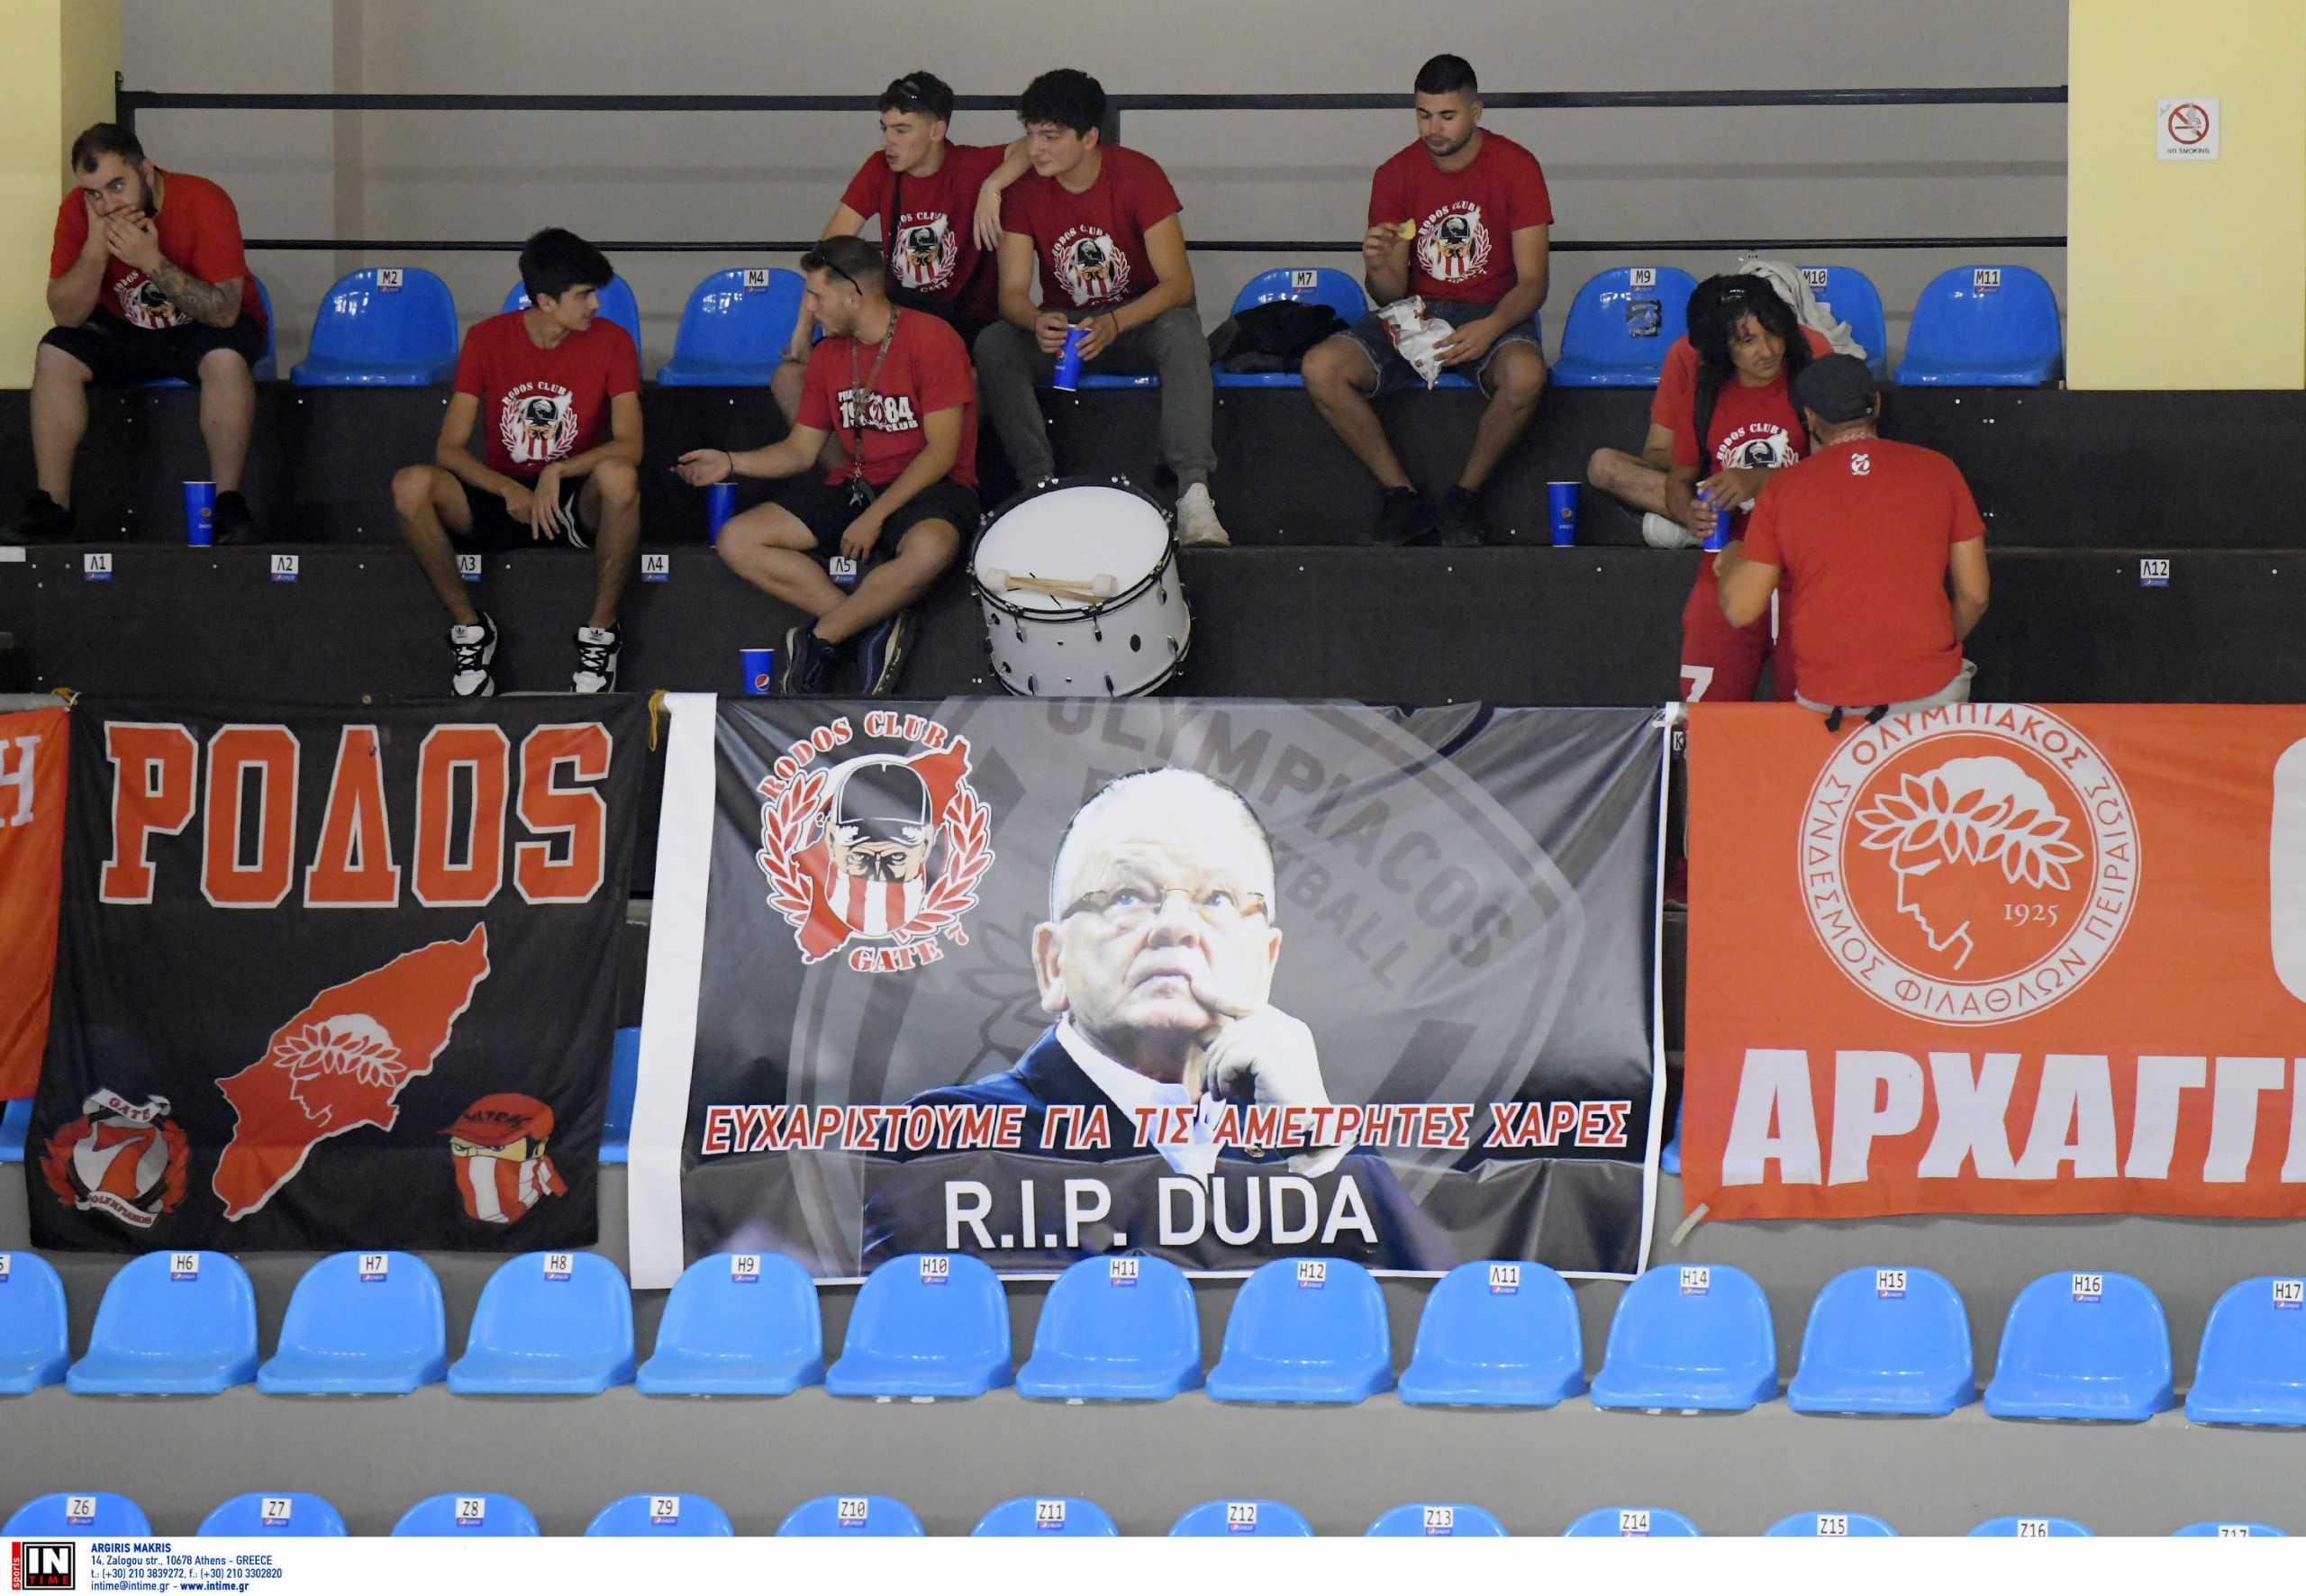 Ντούσαν Ίβκοβιτς: Πανό για τον «Ντούντα» στο Κολοσσός Ρόδου – Ολυμπιακός